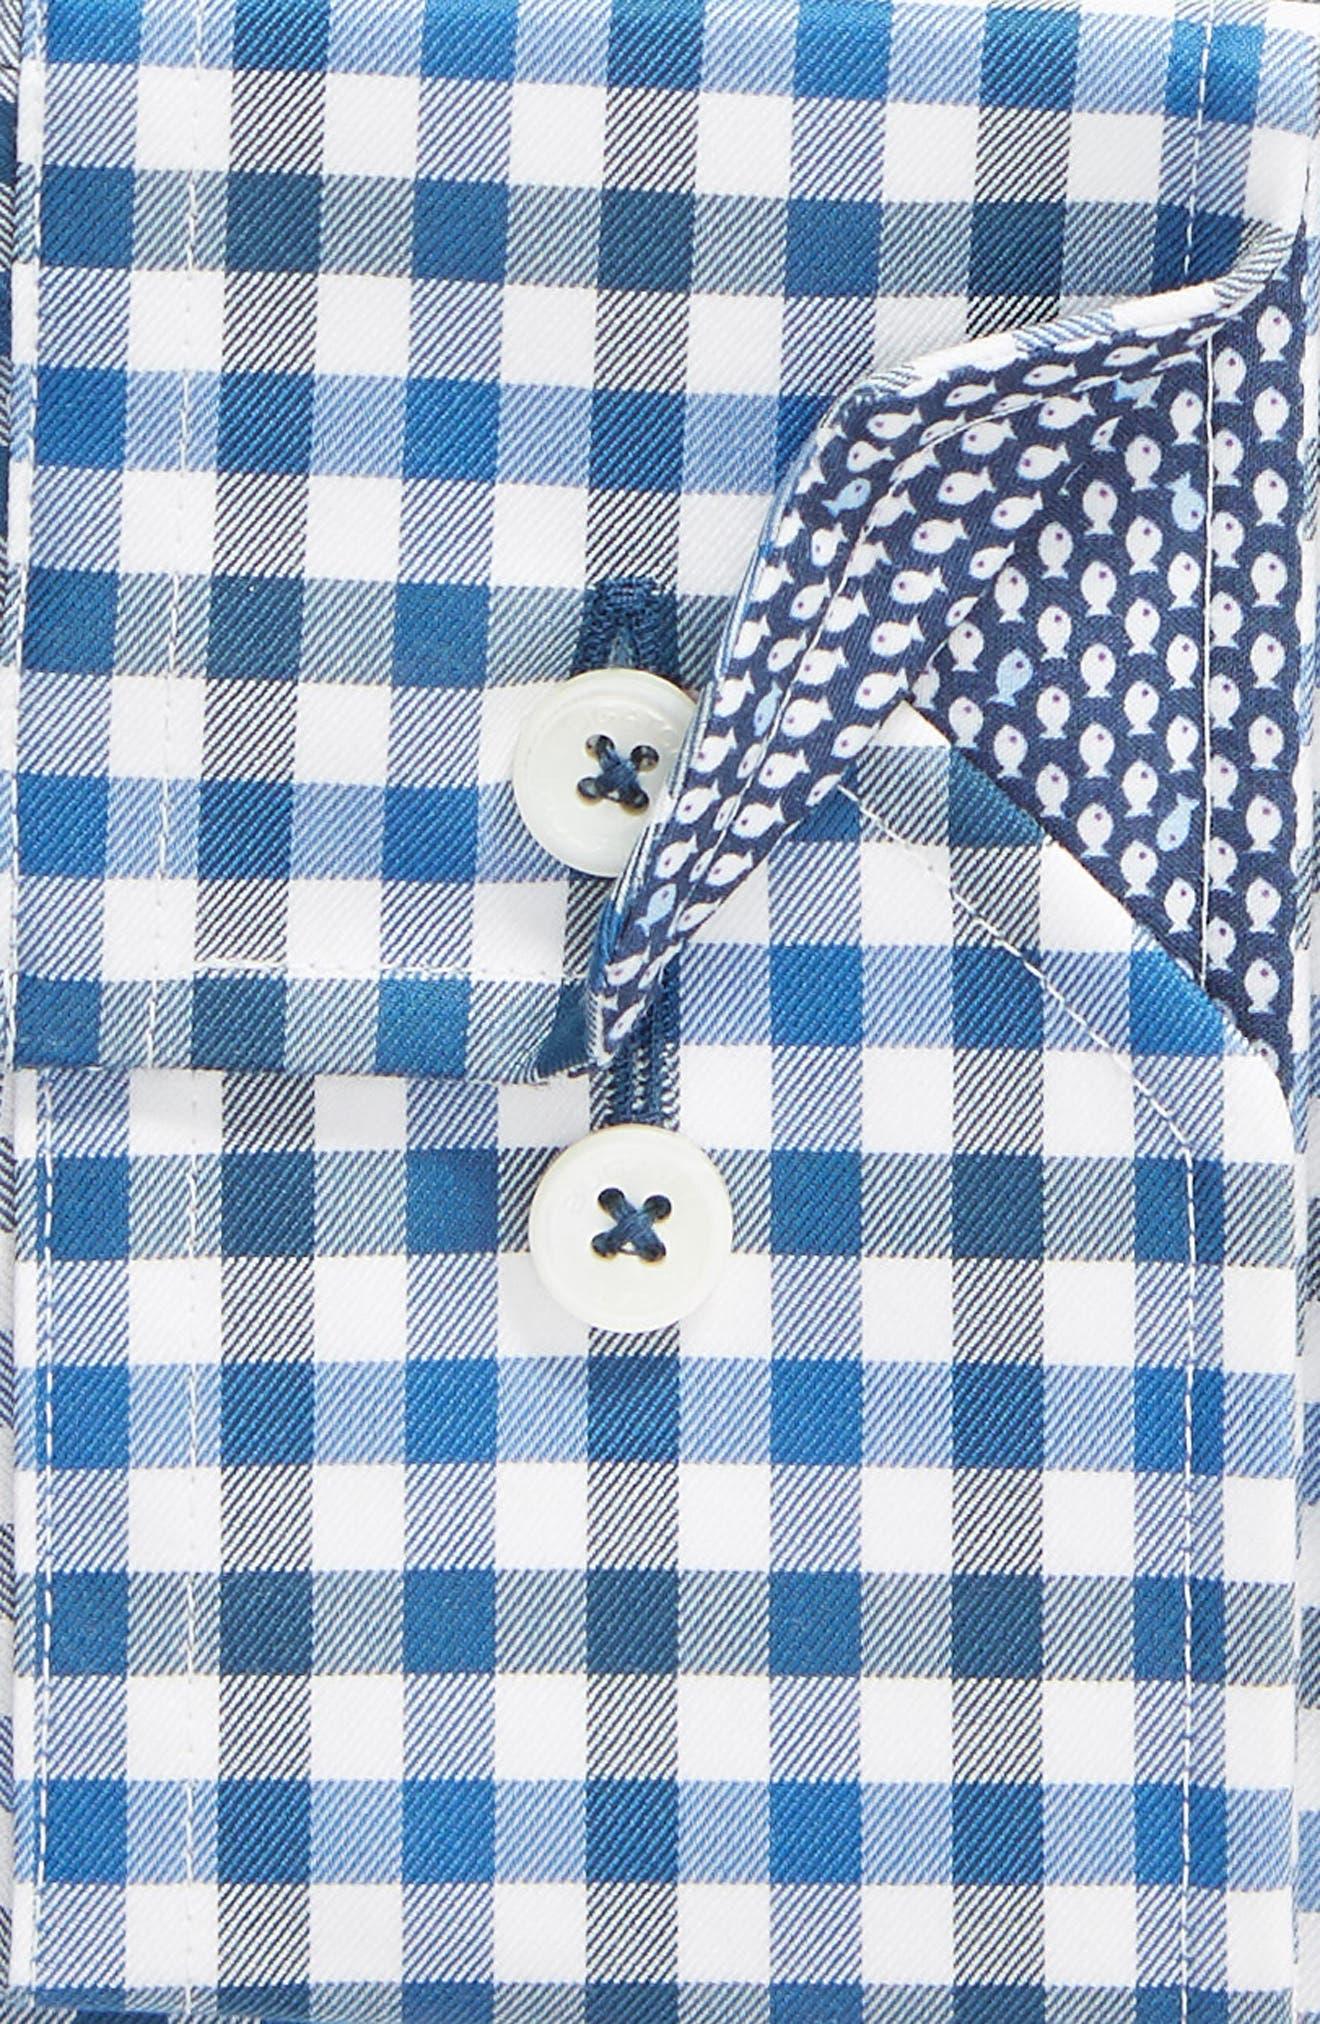 Trim Fit Check Dress Shirt,                             Alternate thumbnail 6, color,                             CLASSIC BLUE